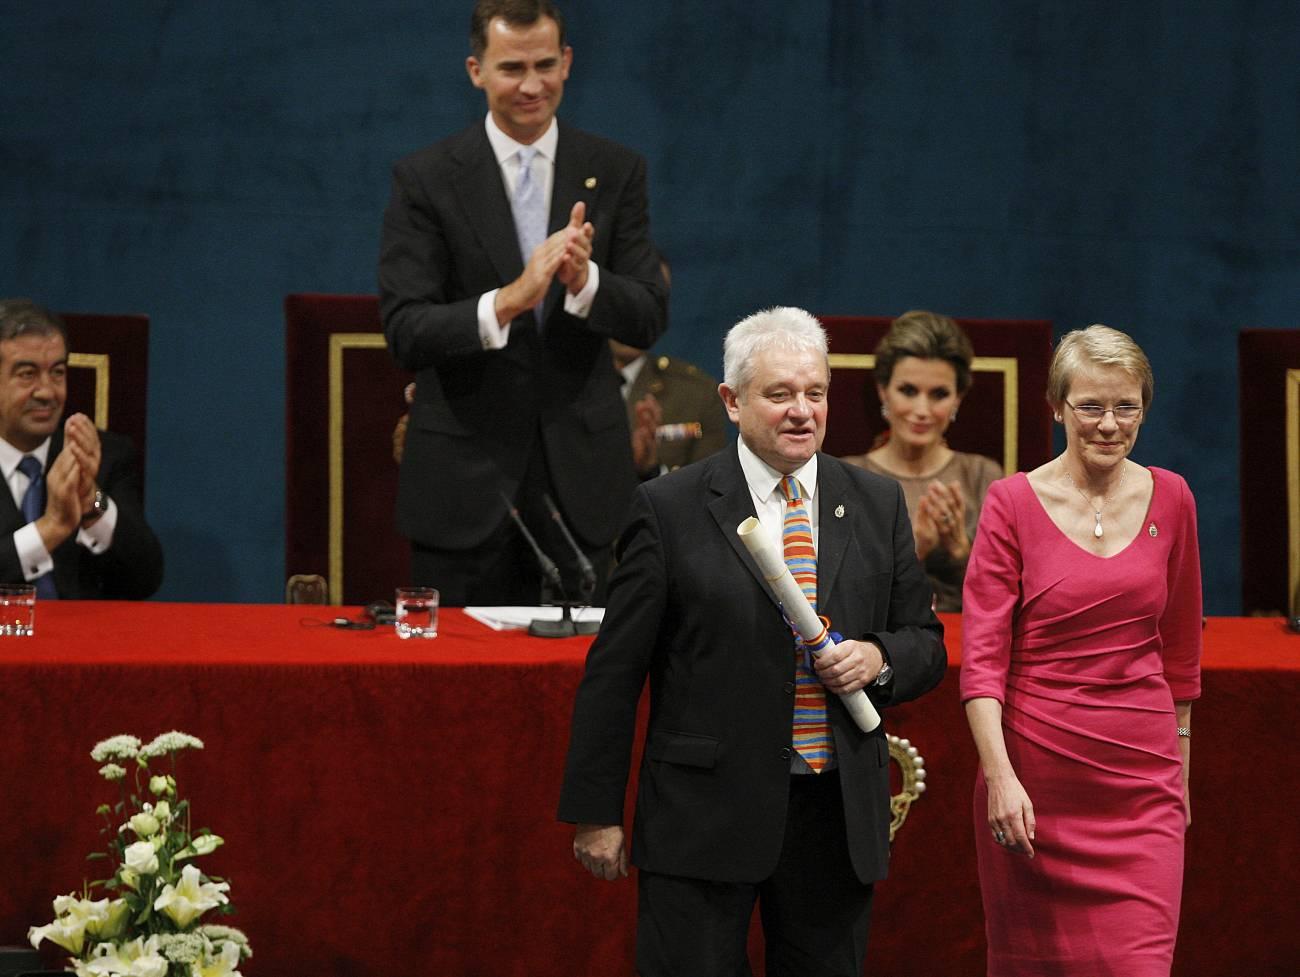 El premio Nobel de Medicina Sir Paul Nurse (primer término), presidente de The Royal Society, y su directora ejecutiva, Julie Maxton, tras recoger el premio Príncipe de Asturias de la Comunicación y Humanidades. / Efe